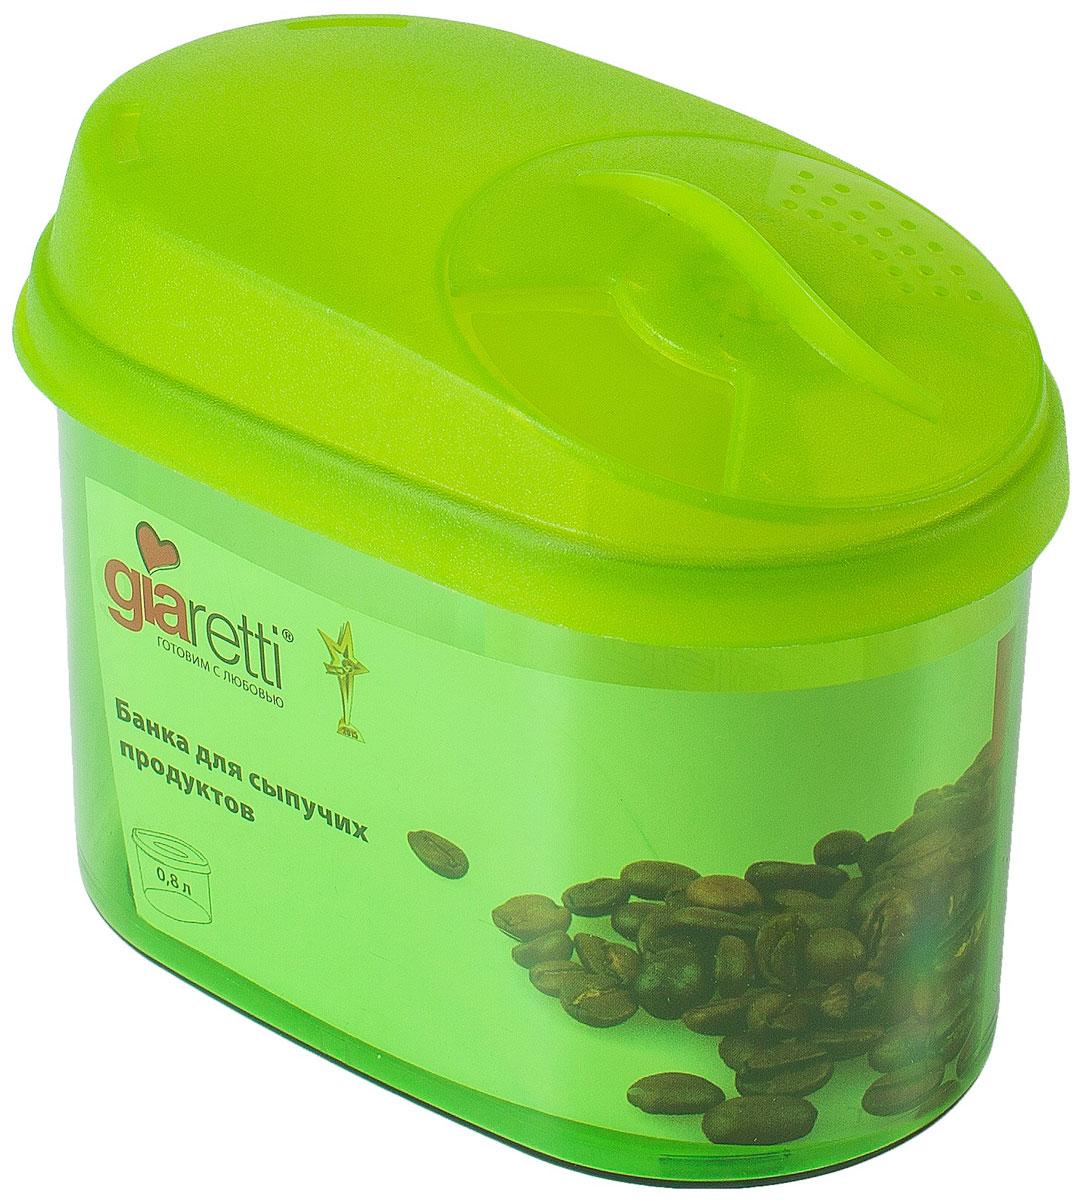 Банка для сыпучих продуктов Giaretti, с дозатором, 800 млGR3610МИКСБанка для сыпучих продуктов предназначена для хранения круп, сахара, макаронных изделий и других изделий, в том числе для продуктов с ярким ароматом (специи и прочее).Плотно прилегающая крышка не пропускает запахи содержимого в шкаф для хранения, при этом продукт не теряет своего аромата.Двойной дозатор предназначен для мелких и крупных сыпучих продуктов.